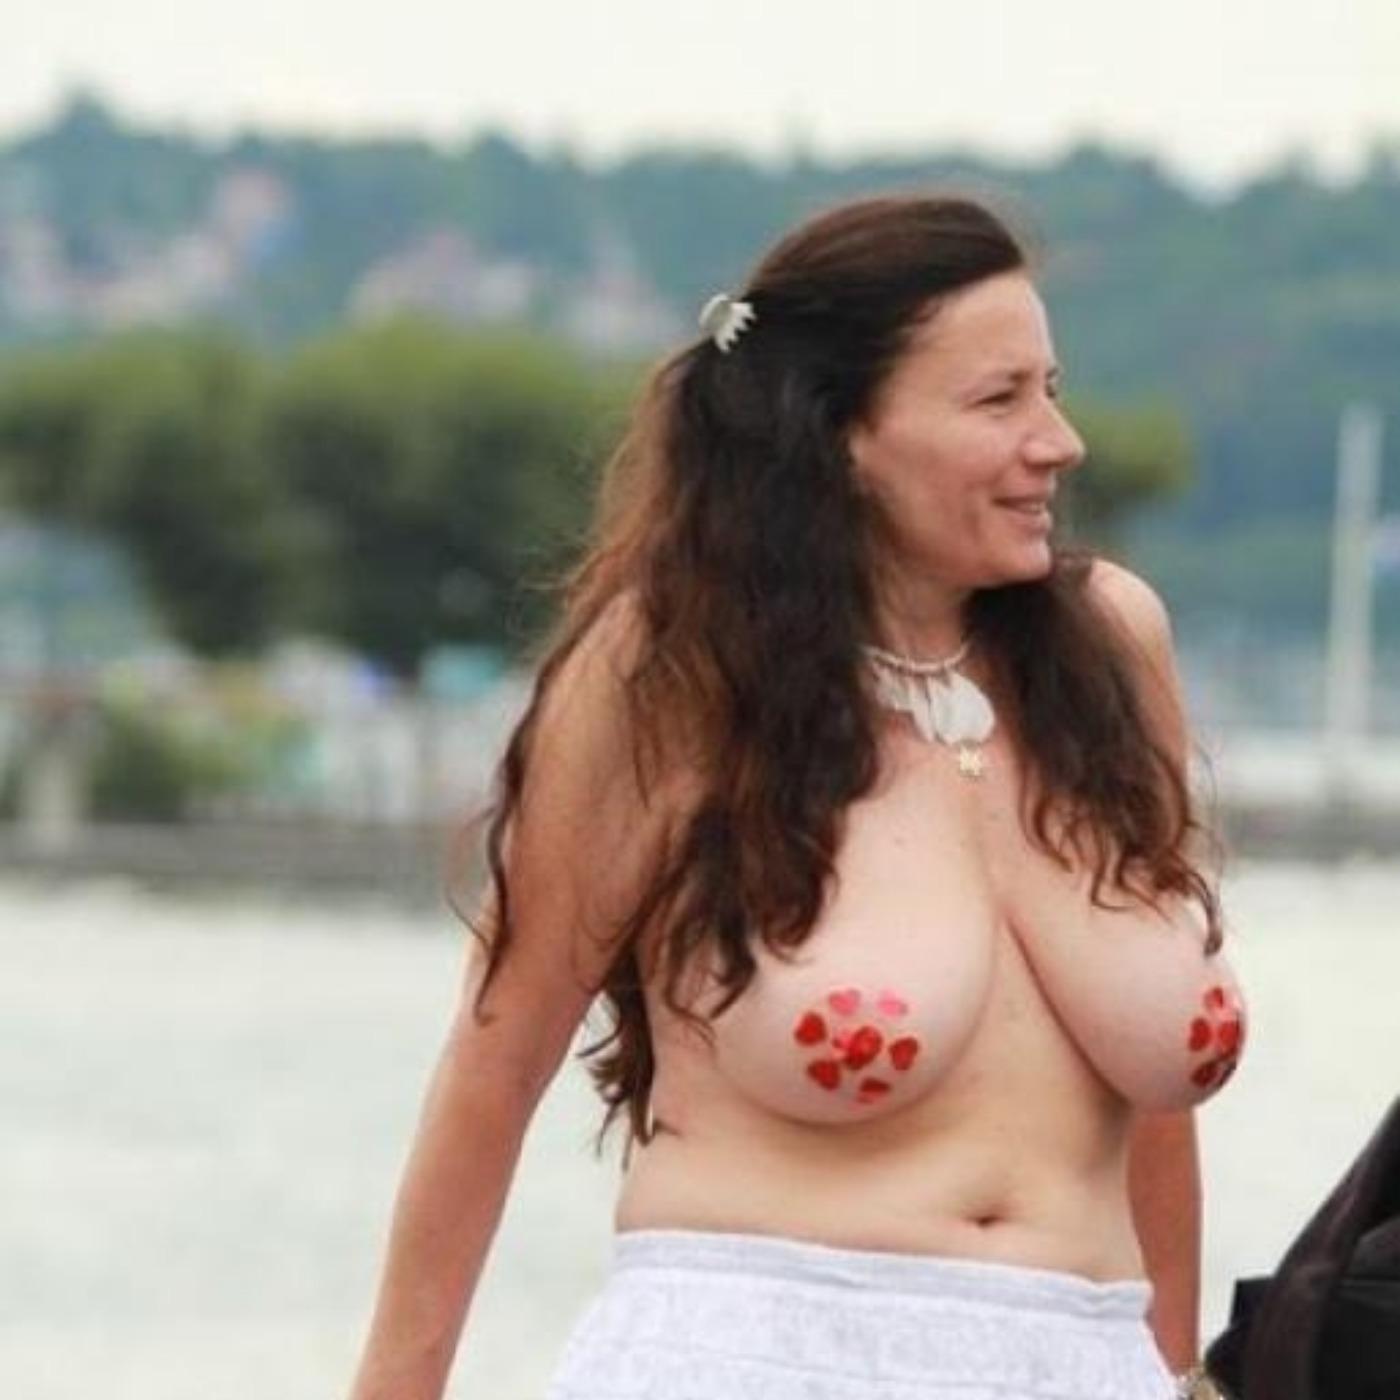 Épisode 7 - Go Topless, l'égalité n'est pas une obscénité